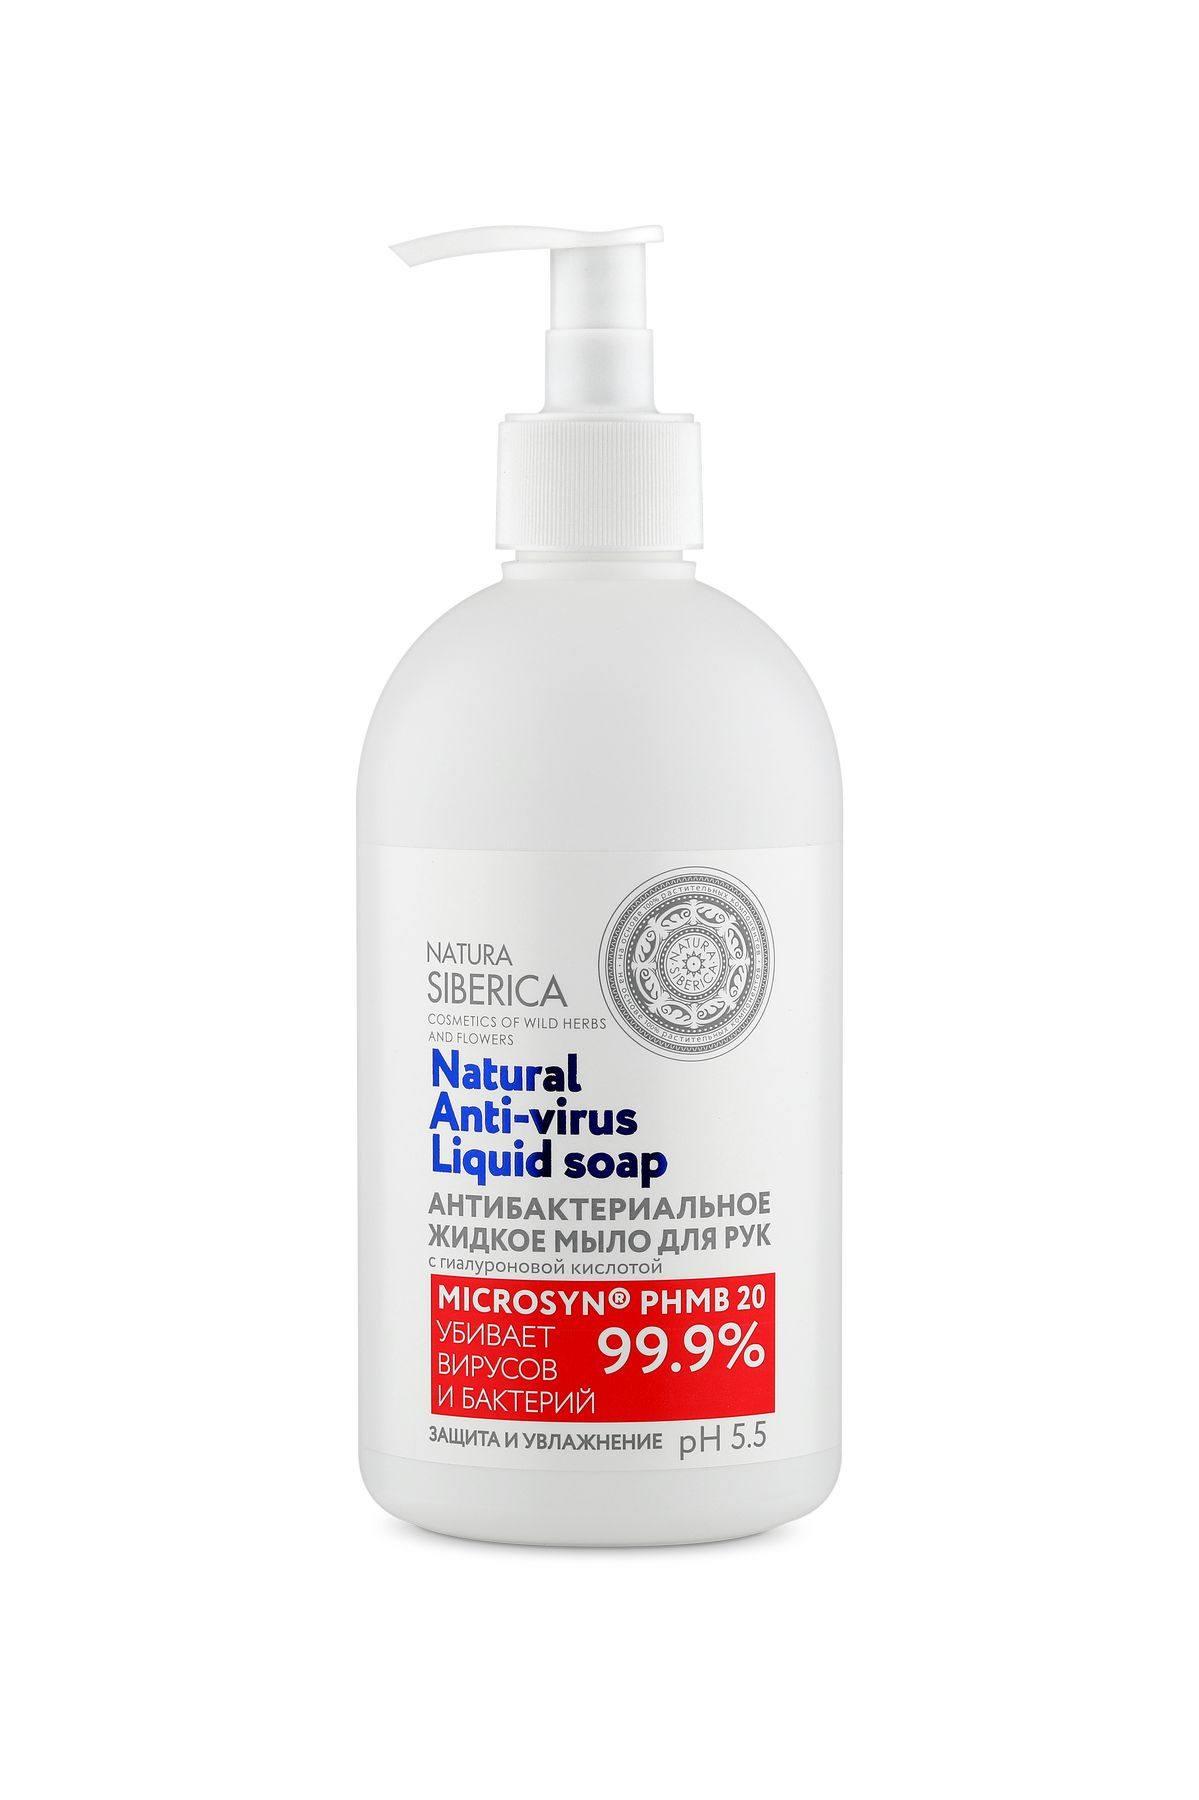 Купить Natura Siberica Антибактериальное Жидкое мыло для рук Защита и увлажнение , 500 мл (shop: Organic-shops Organic shops)